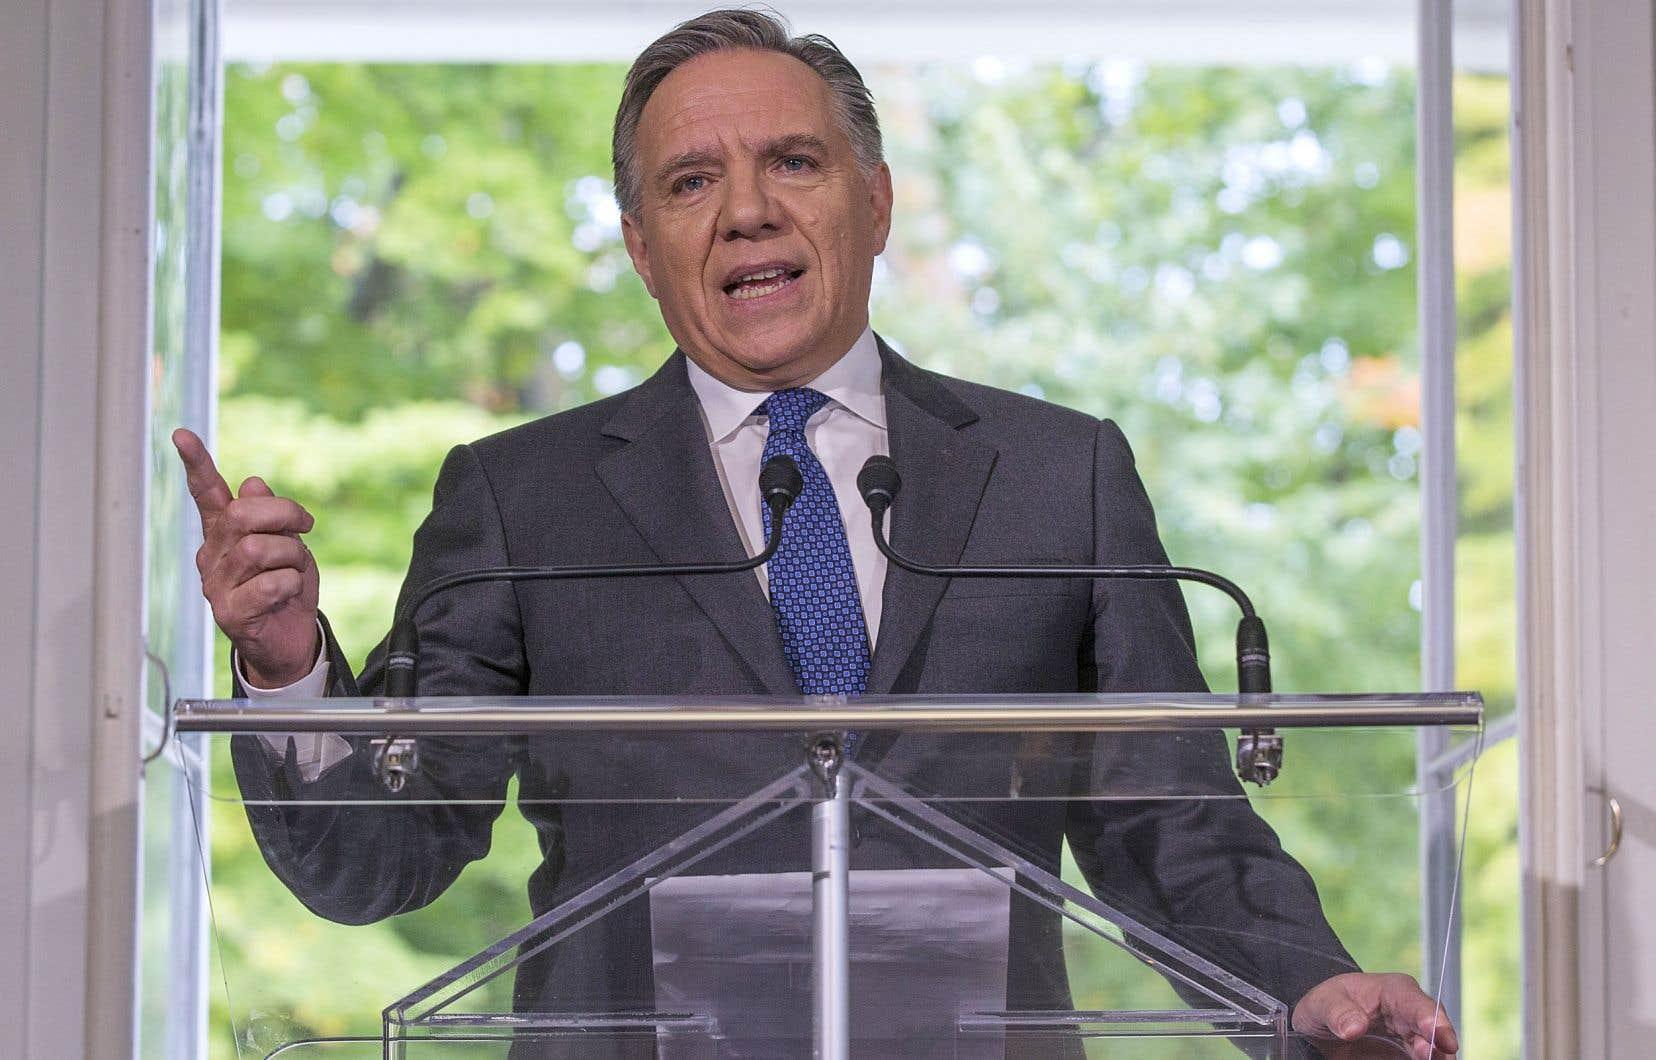 Le chef de la Coalition avenir Québec, François Legault, est lui-même un ancien gestionnaire et homme d'affaires. Il a fondé l'entreprise Air Transat.